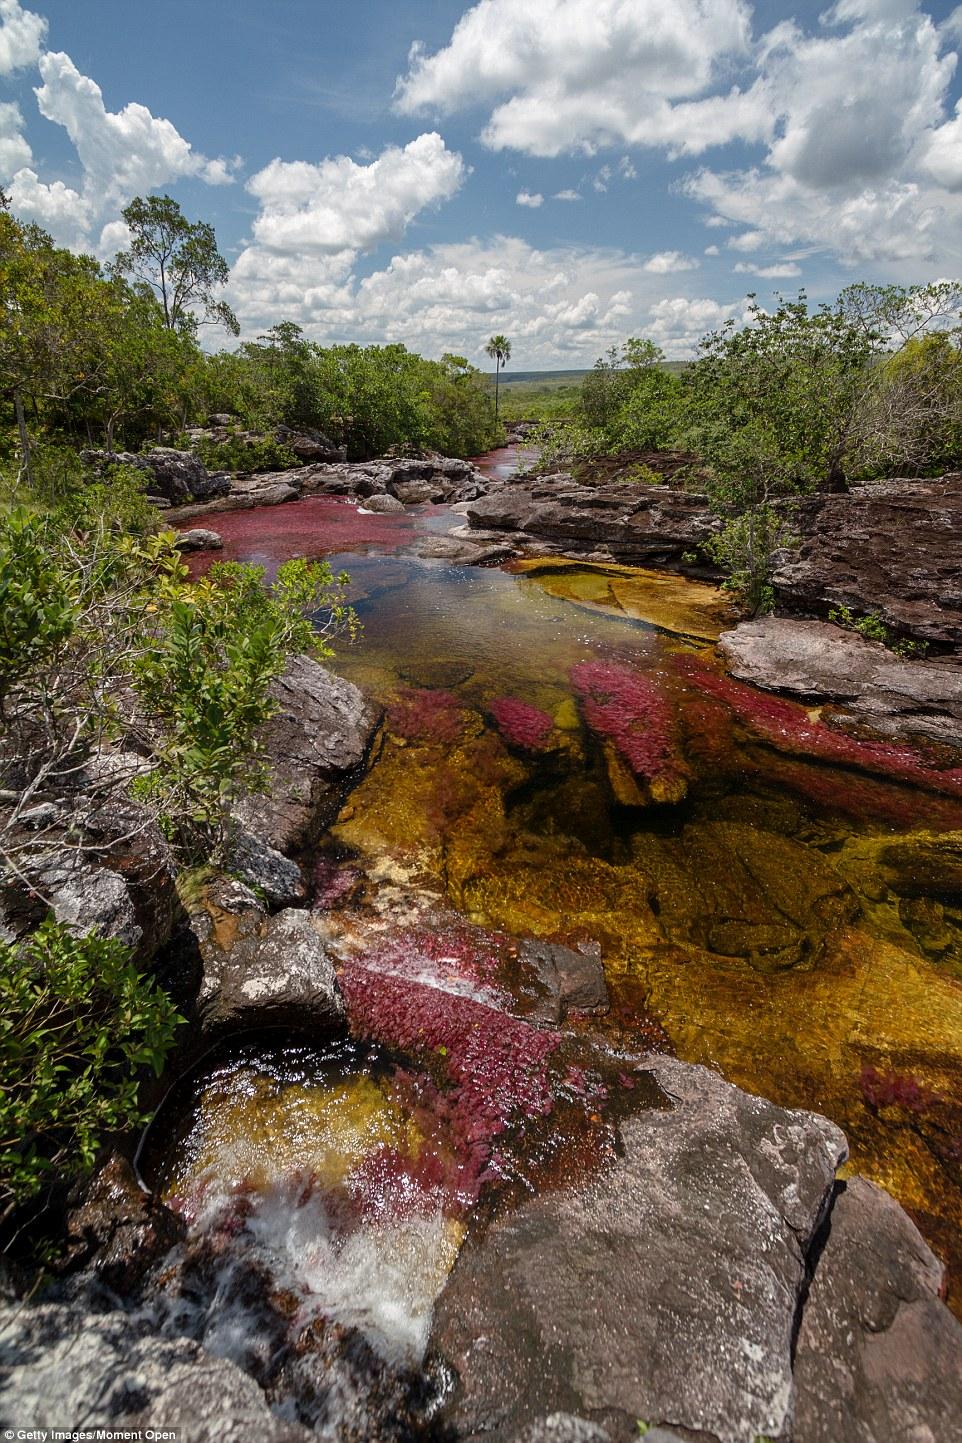 Sững sờ với vẻ tuyệt đẹp của dòng sông 7 sắc cầu vồng 11